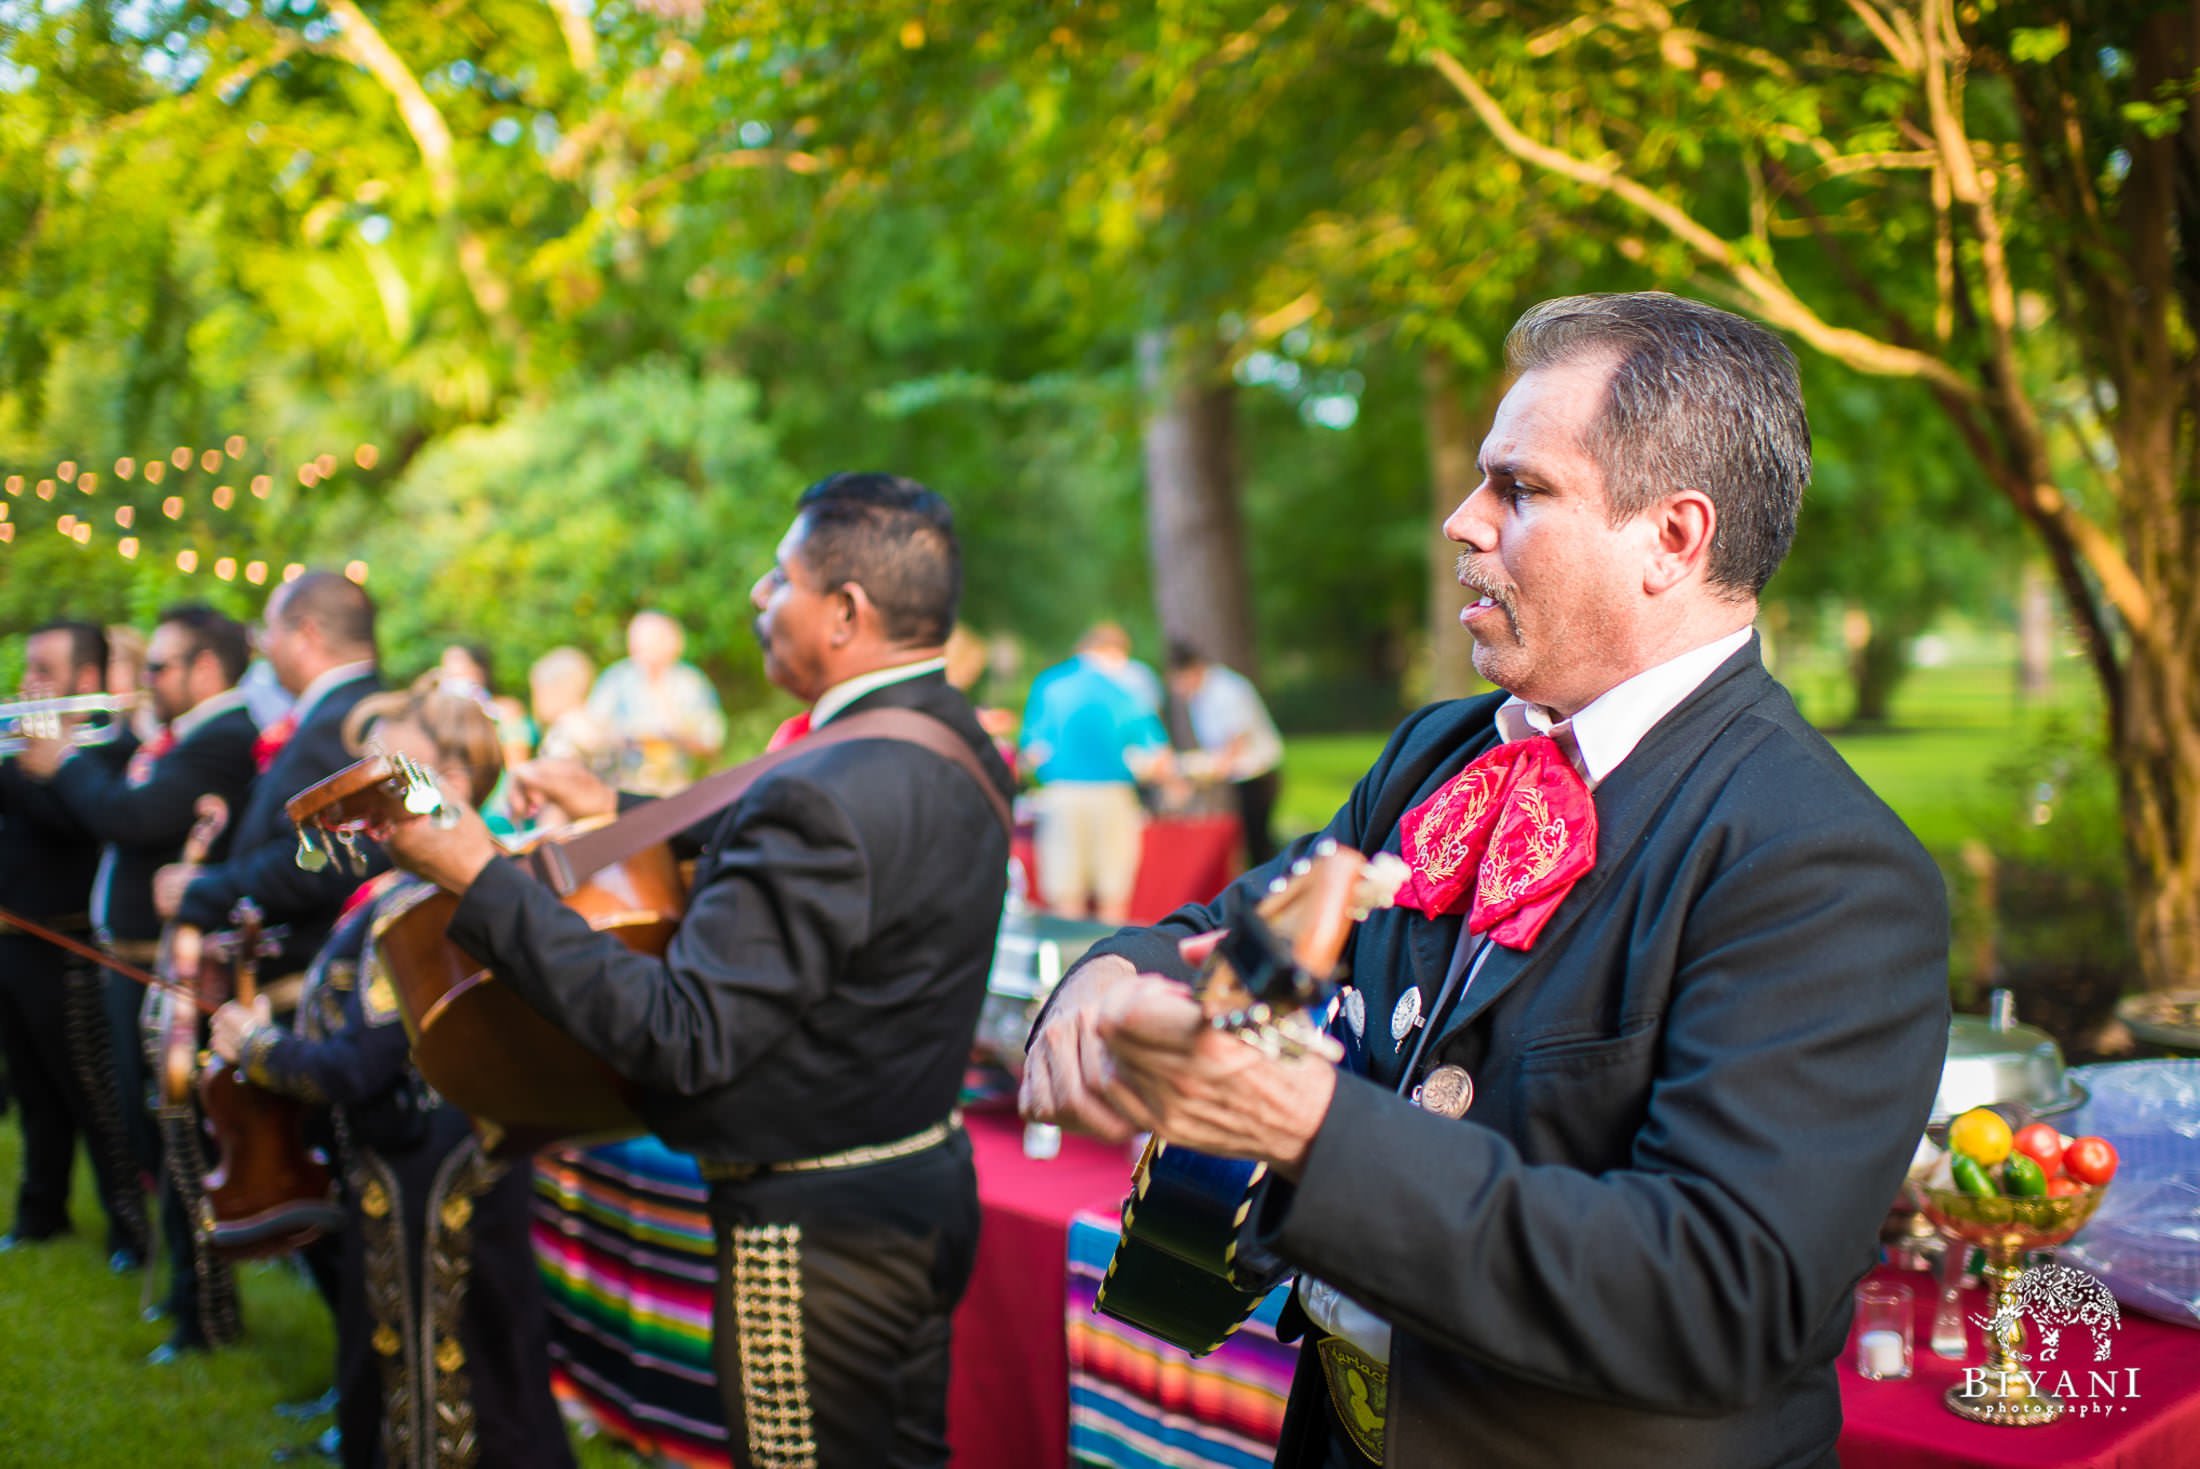 mariachi band plays at backyard mehndi